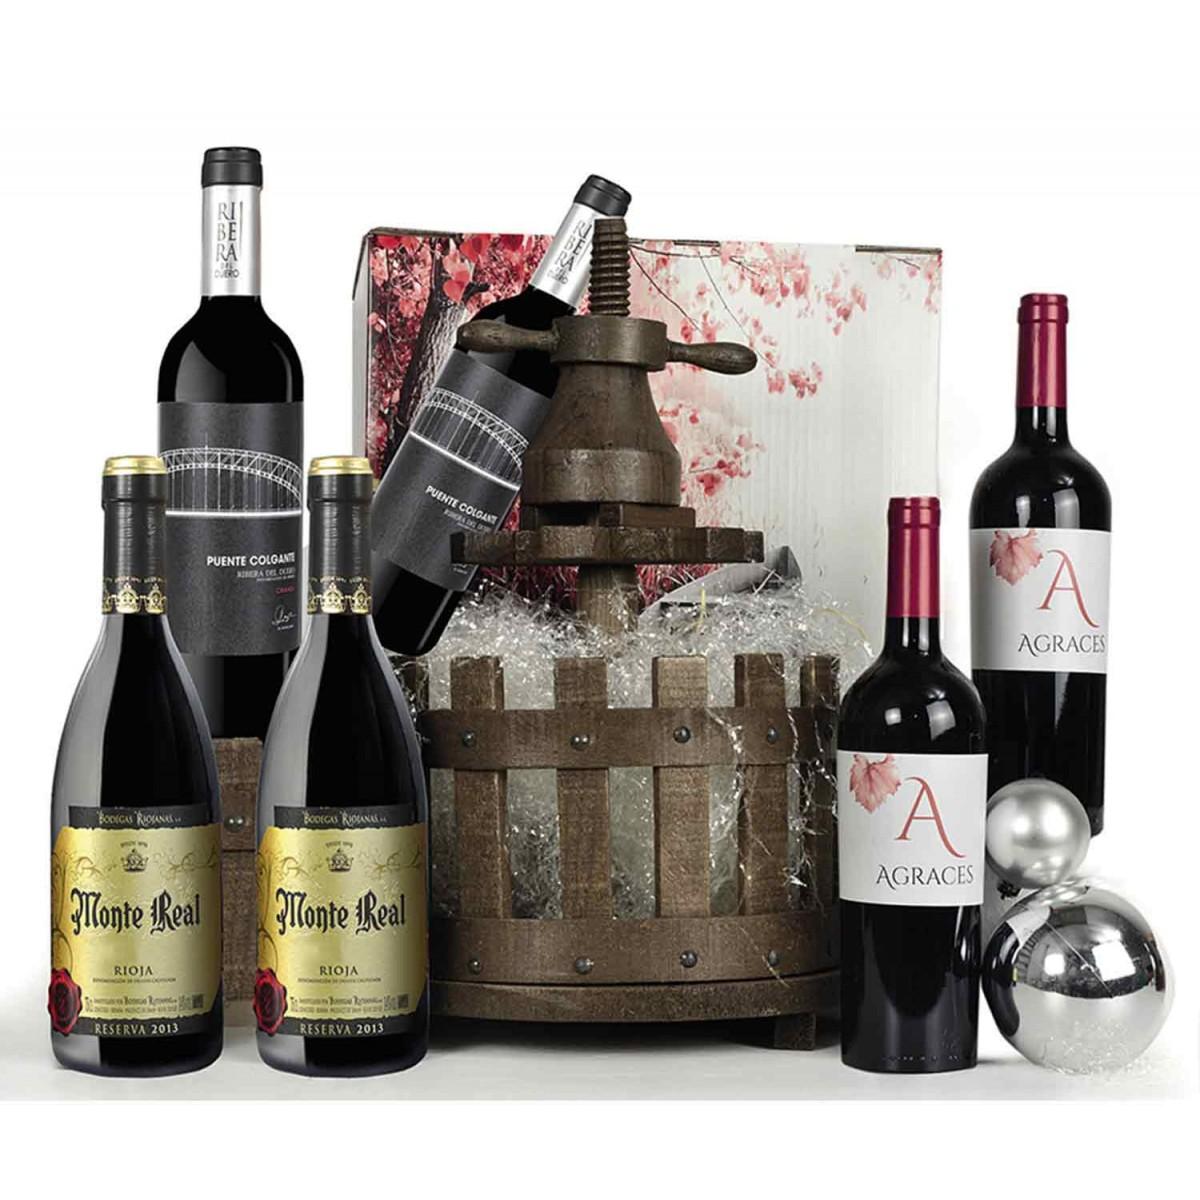 https://www.carneseleccion.com/10583-thickbox_default/seleccion-de-vinos-de-navidad-n-220.jpg